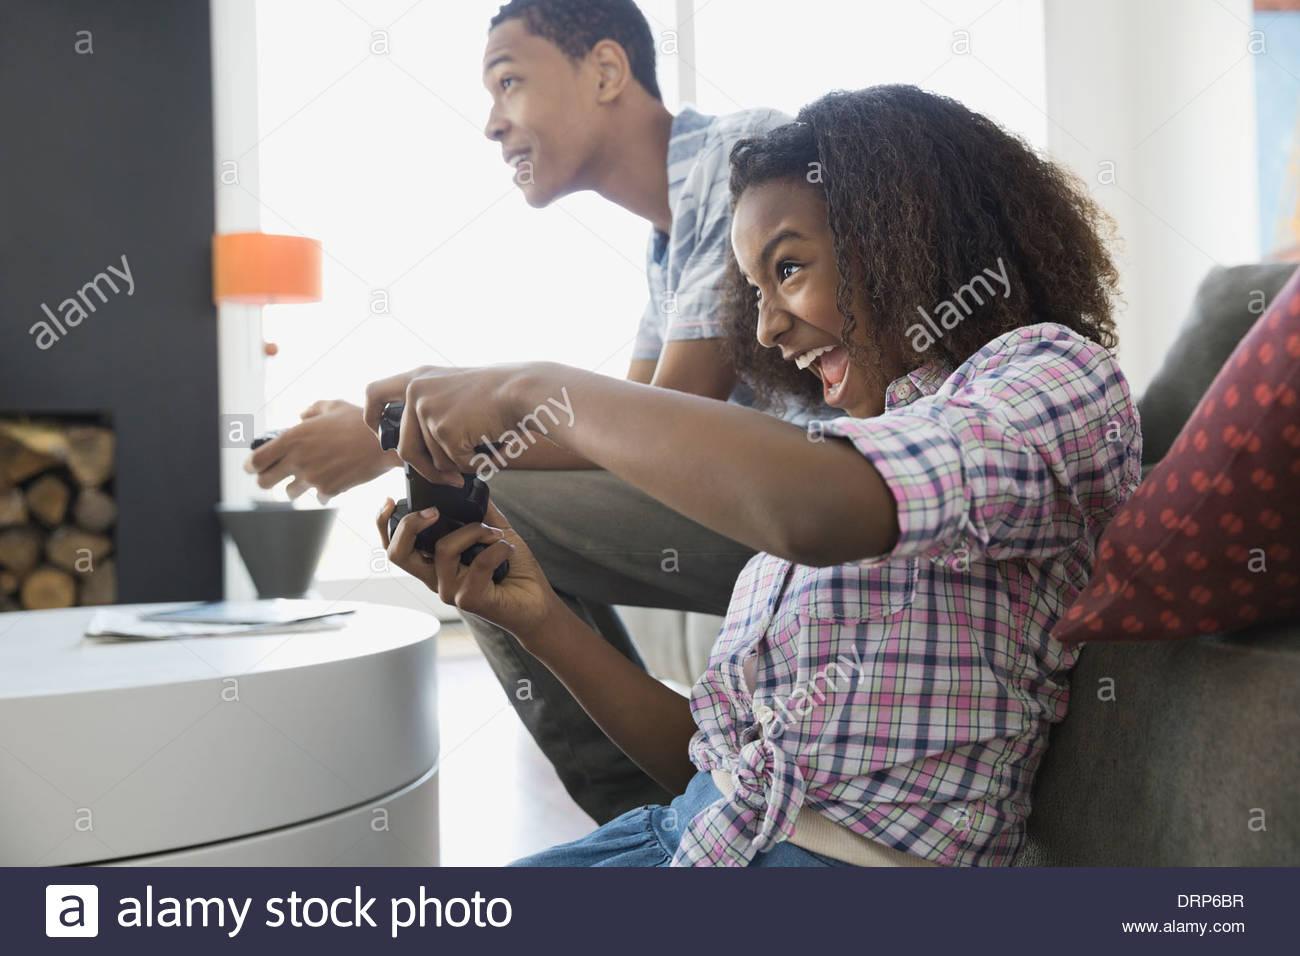 Frères et sœurs à jouer à des jeux vidéo à la maison Photo Stock